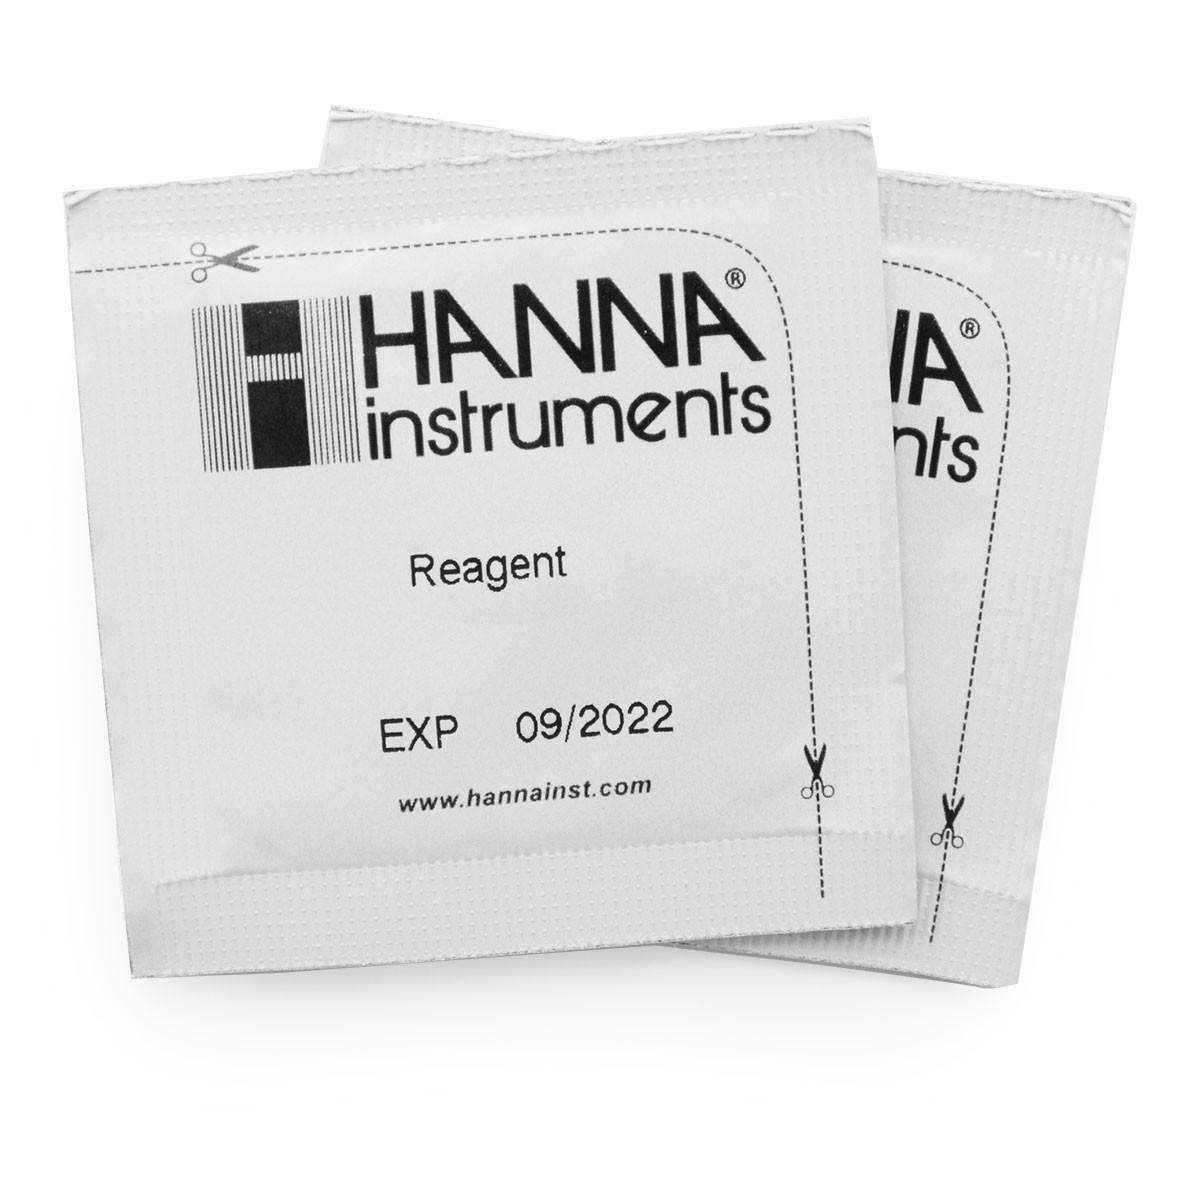 Manganese Low Range Reagents (50 tests)